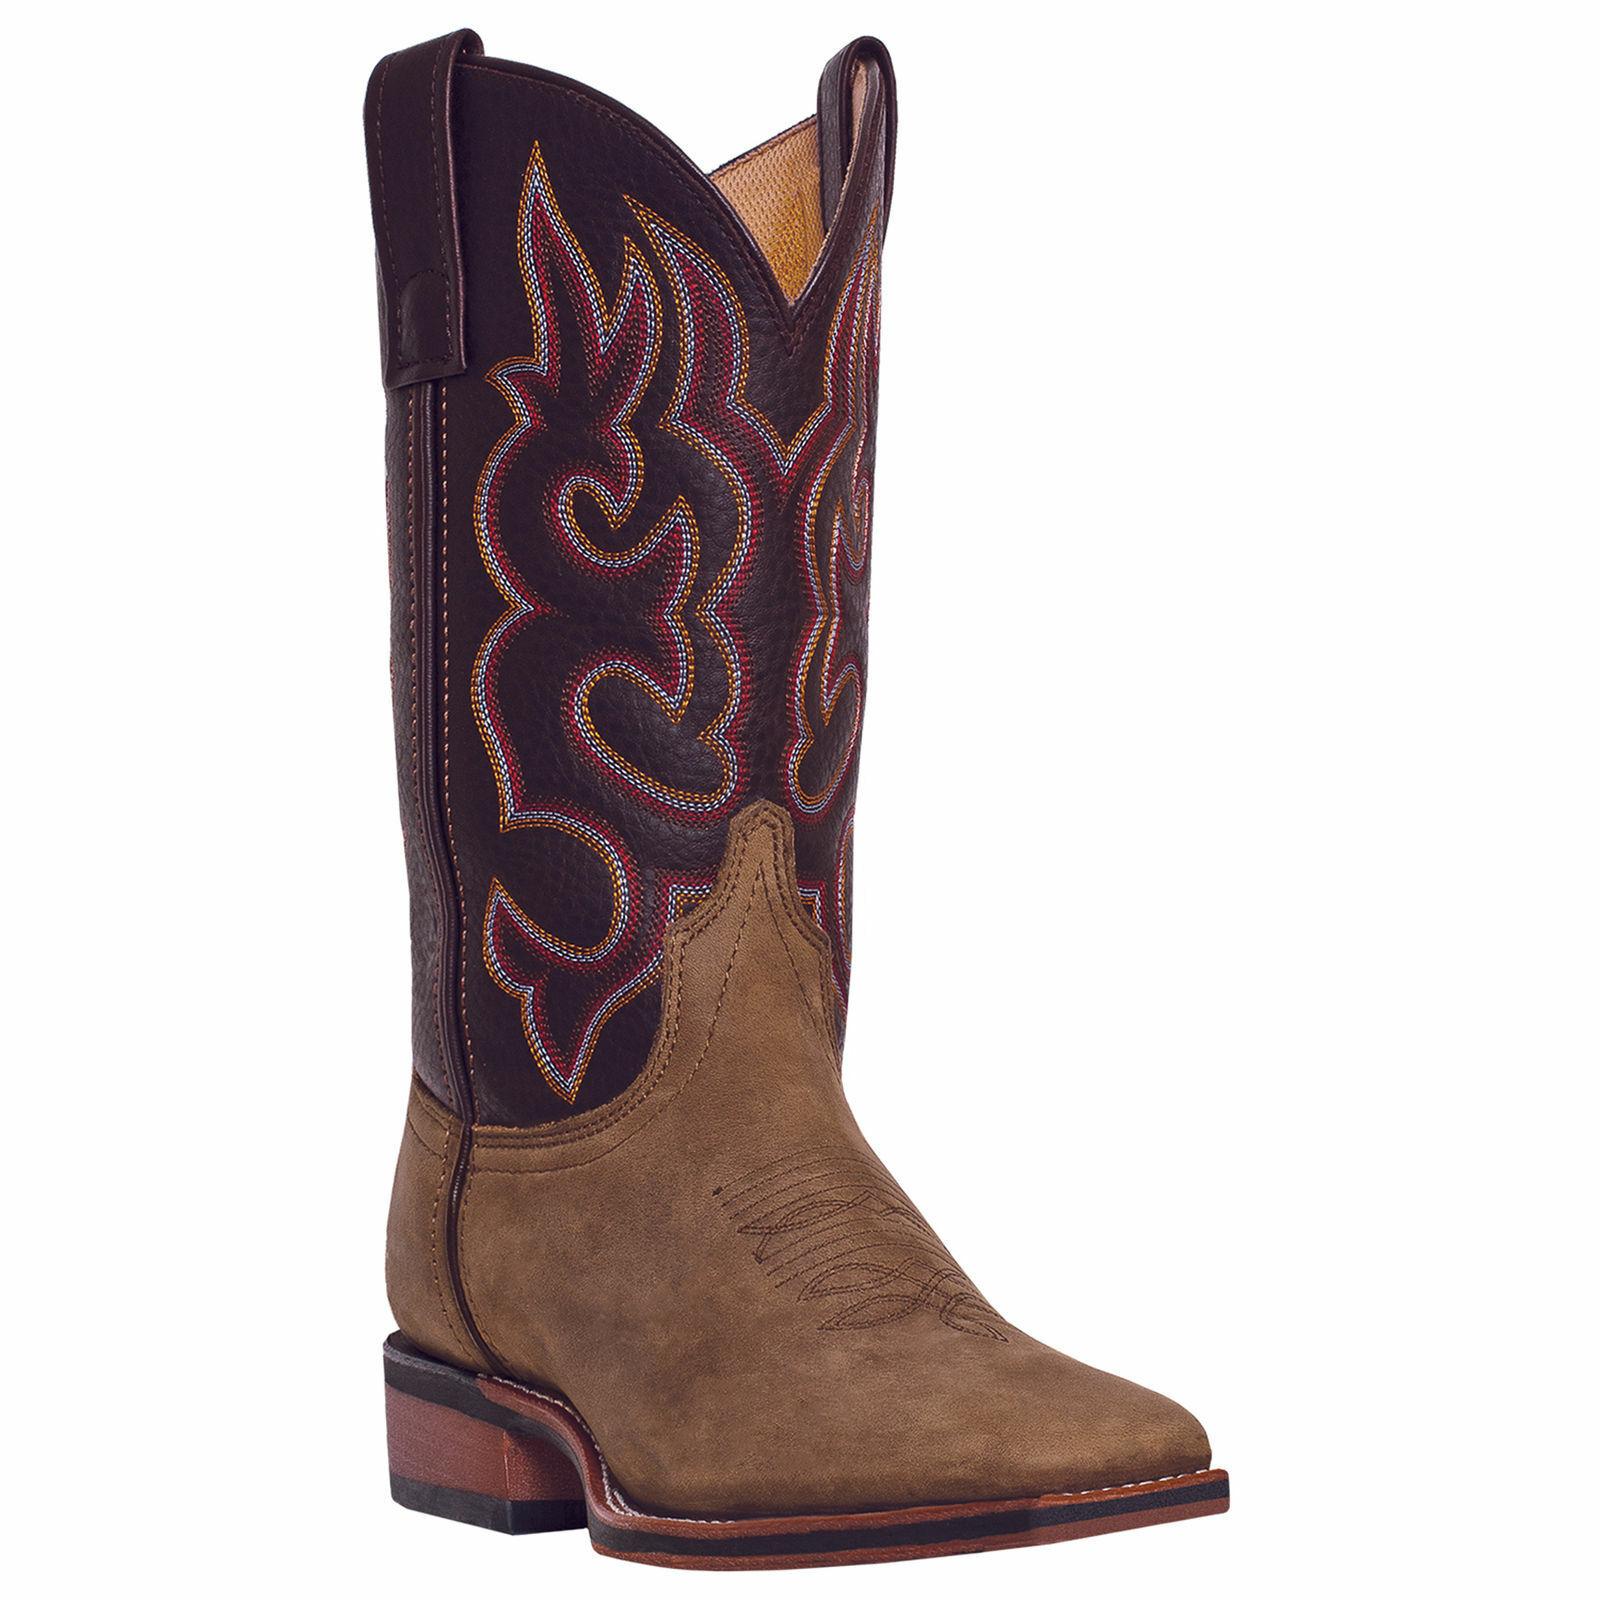 Larojoo para hombre Lodi Western Cowboy botas De Cuero Marrón Puntera Cuadrada Bordado amplia